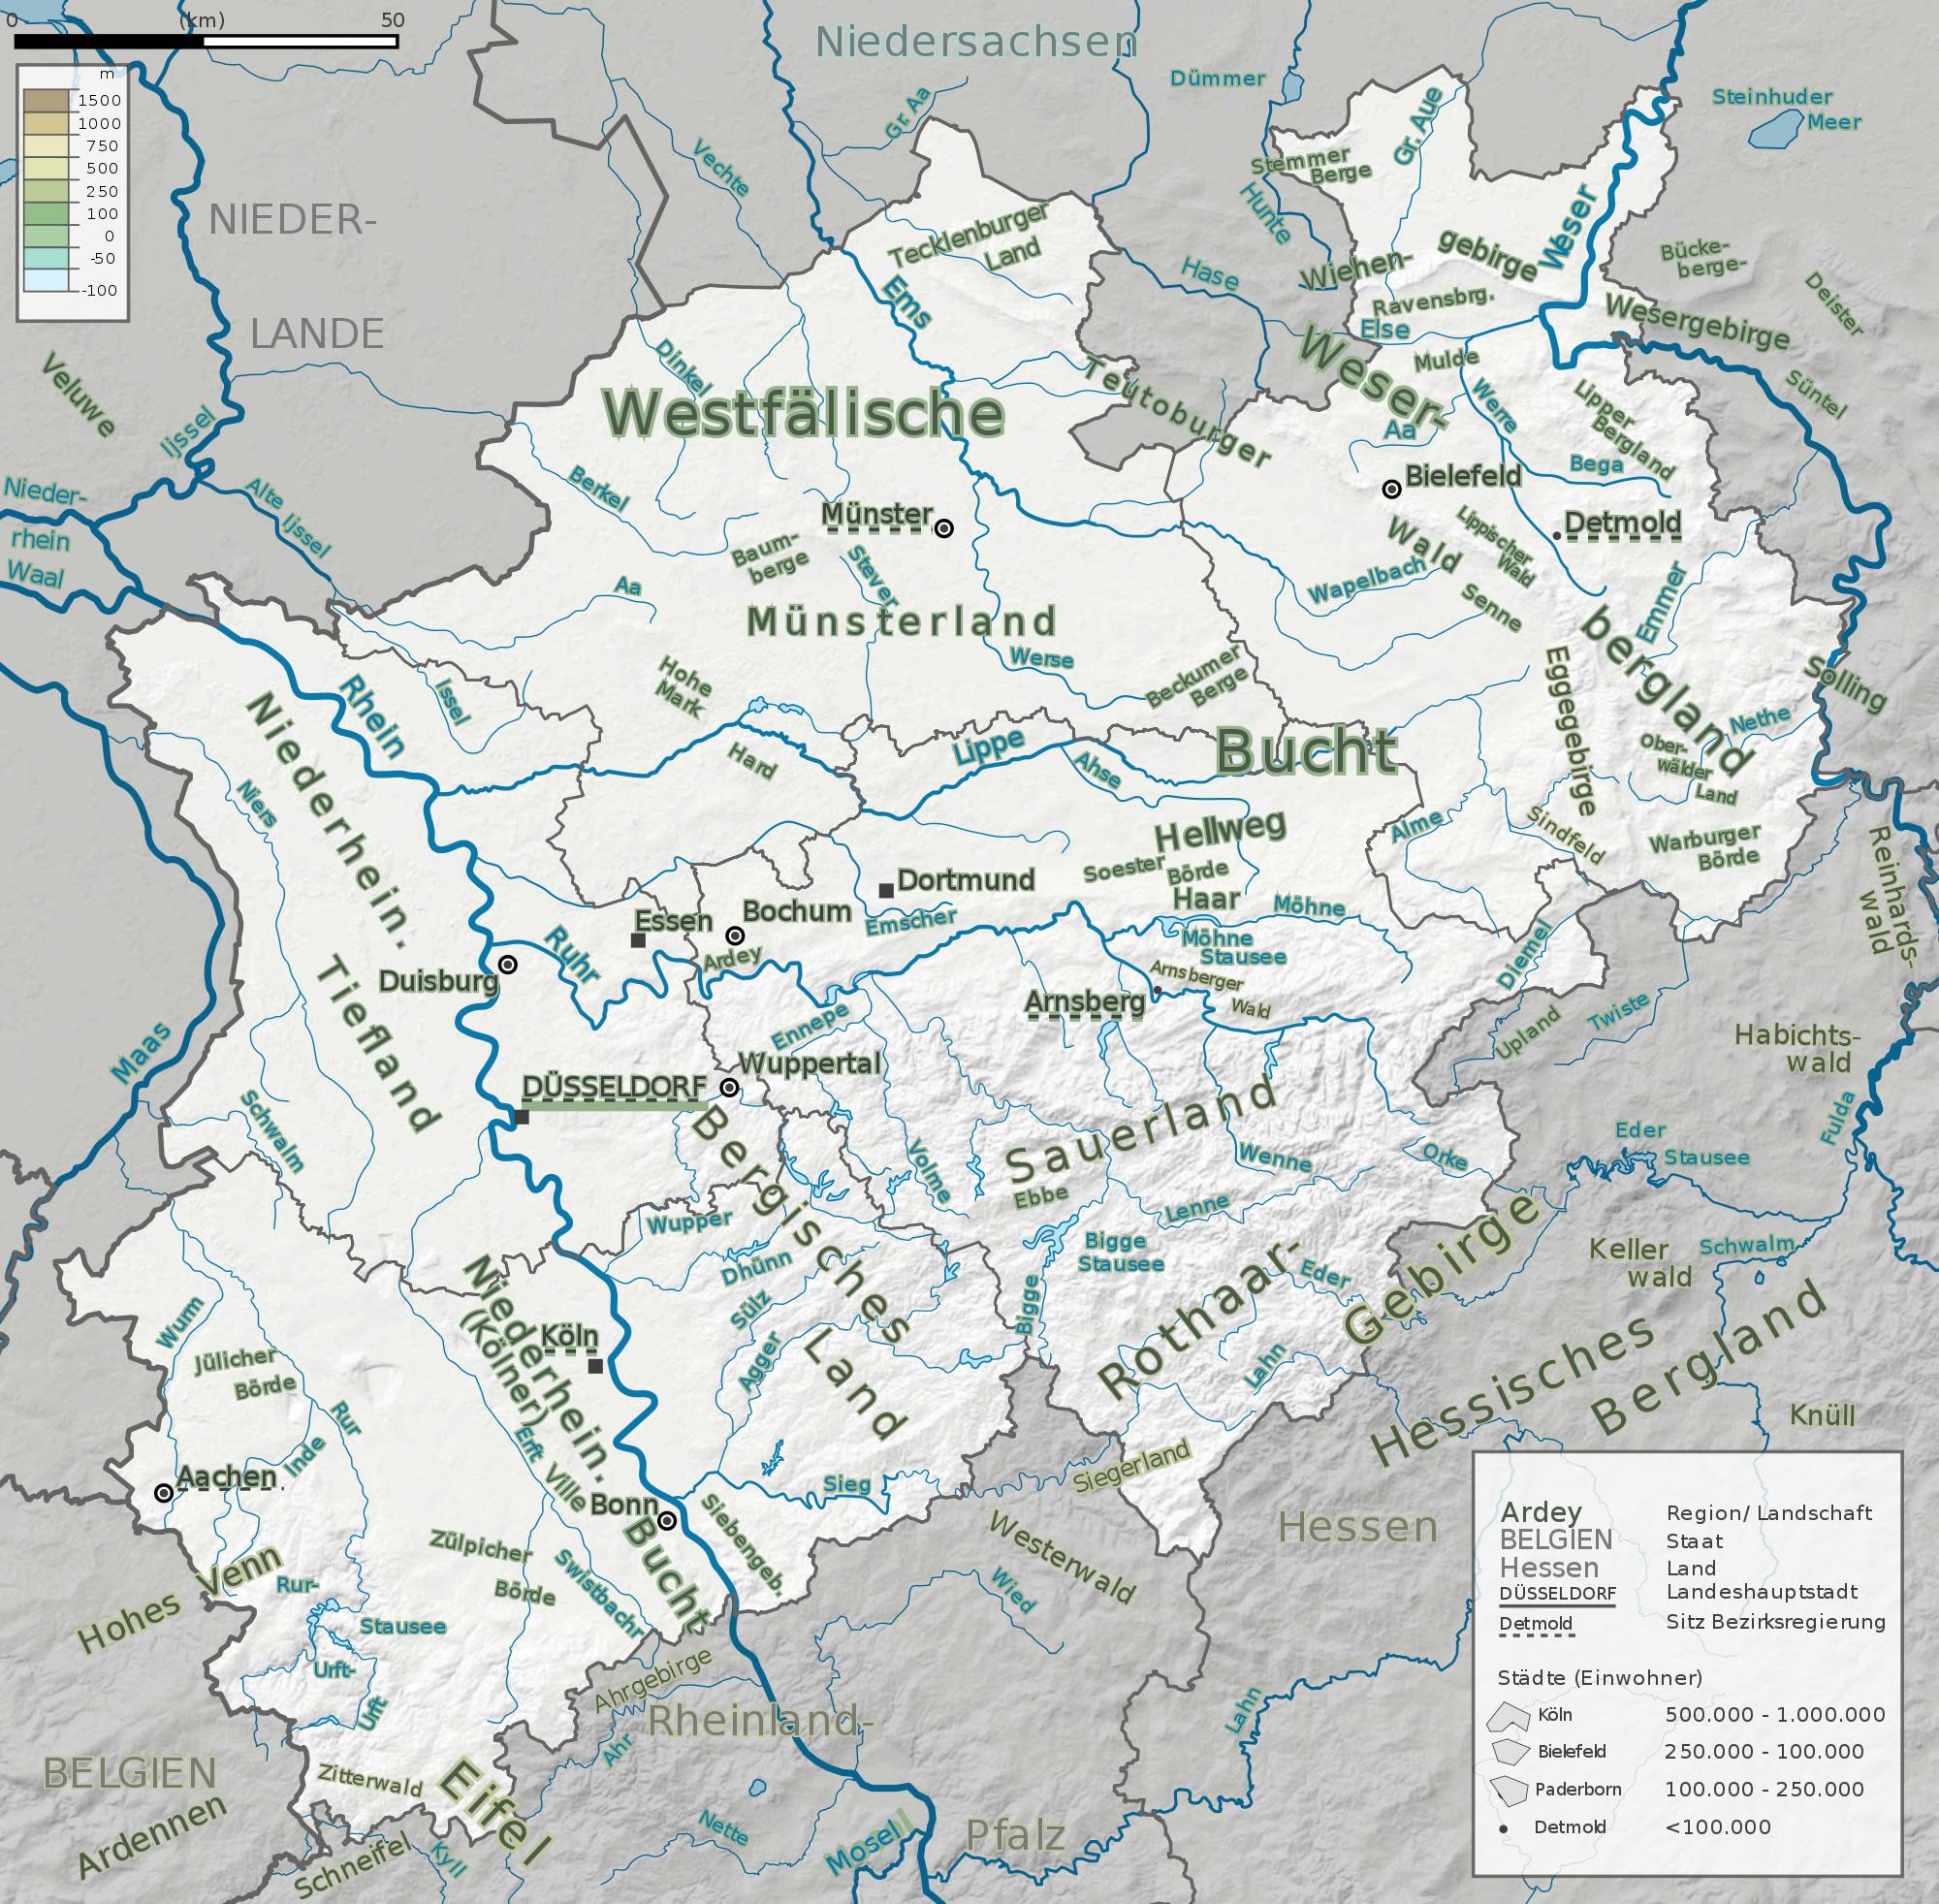 Principales cadenas de montañas, ríos y paisajes de Renania del Norte-Westfalia 2009